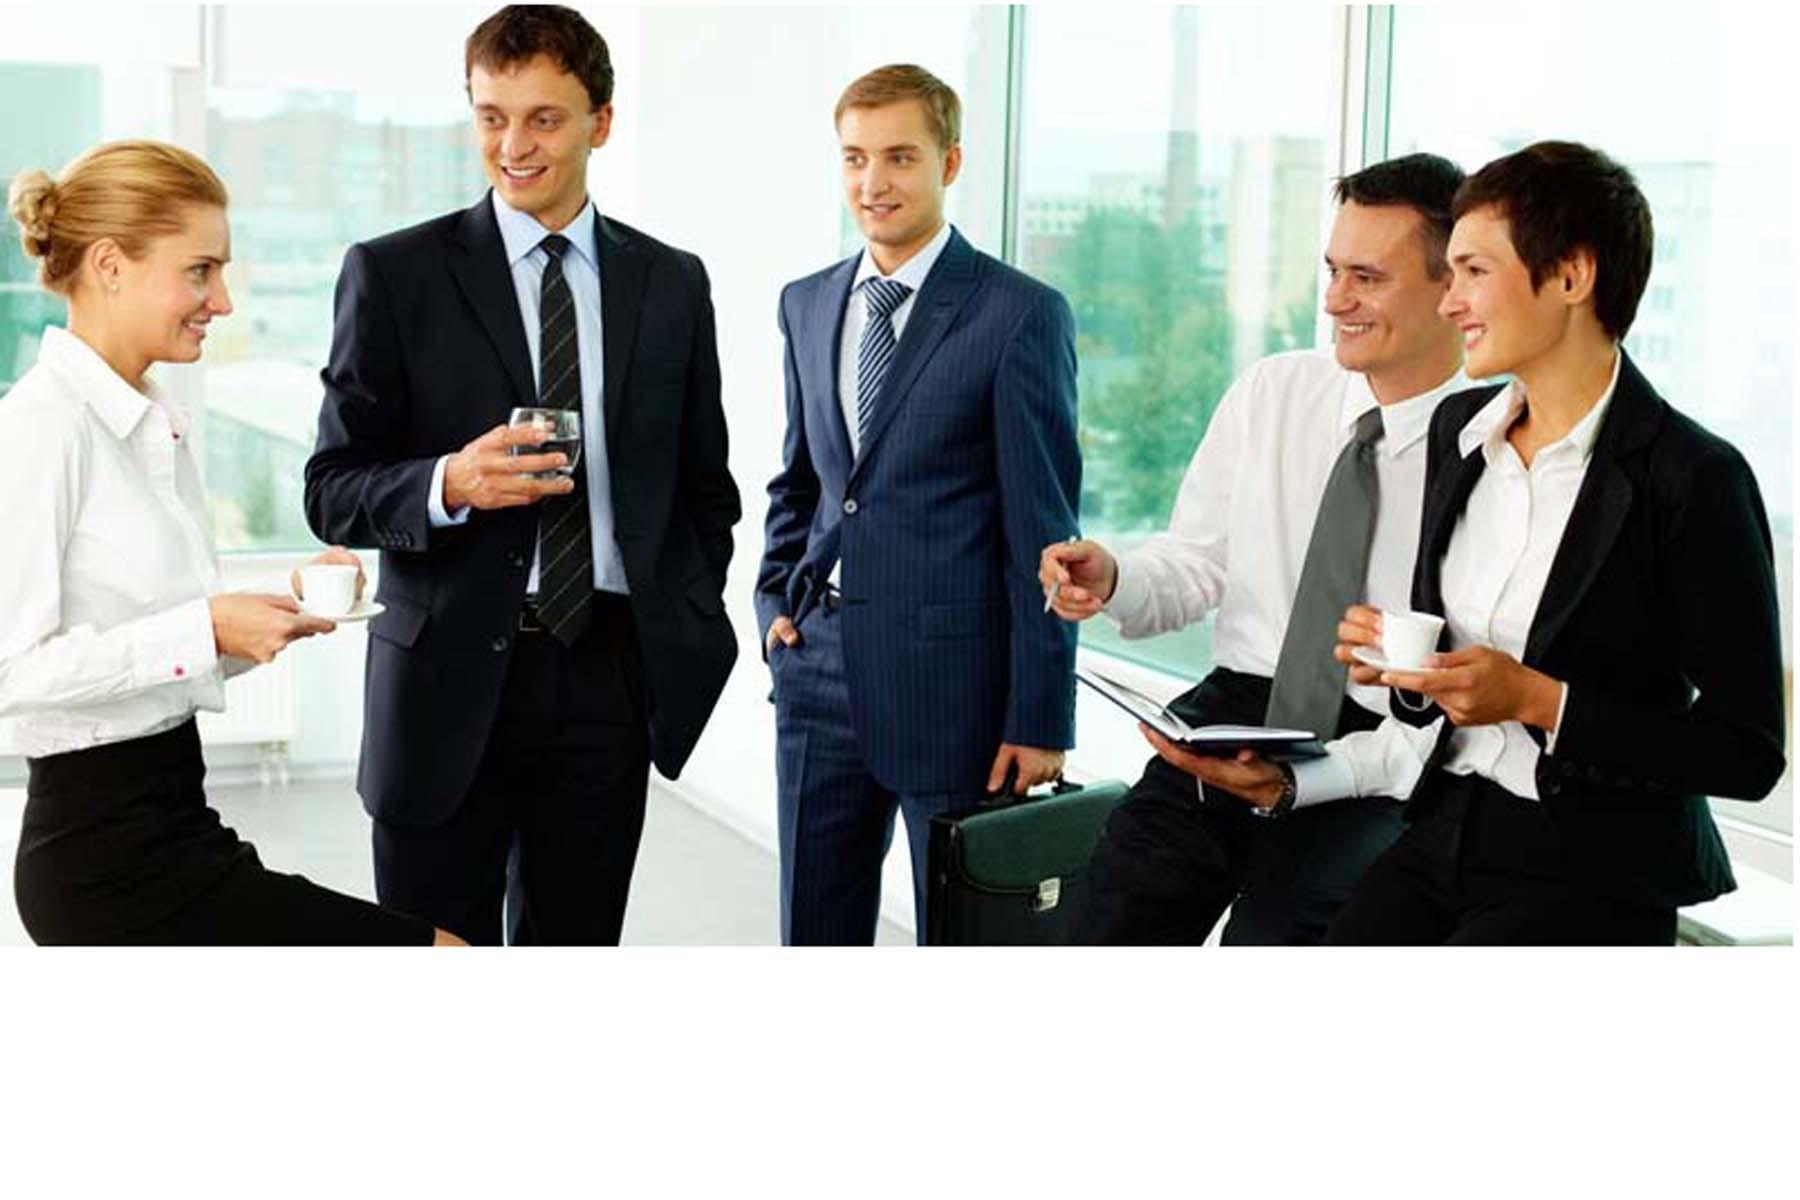 Lavoro 'smart': la pausa aumenta la produttività